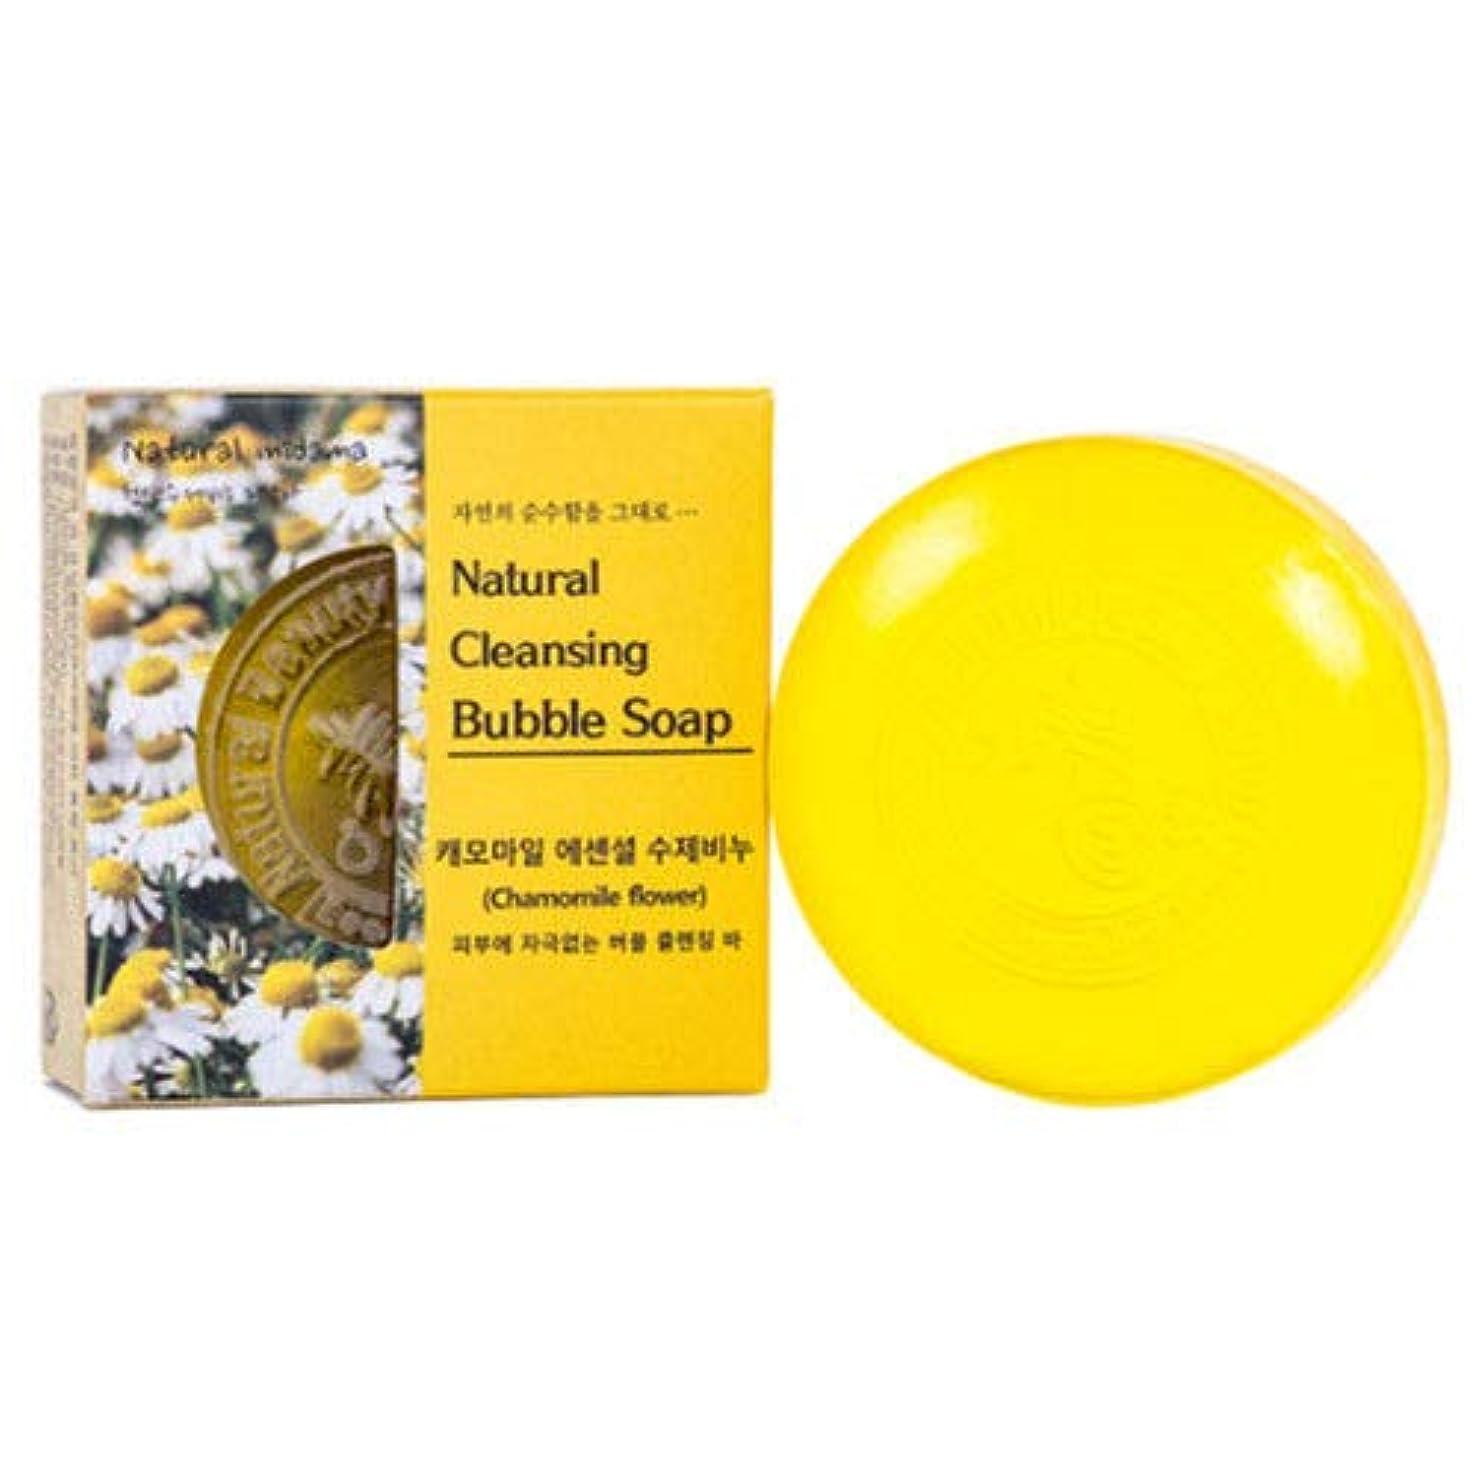 キャンバスアサーボイコット天然 石鹸 ナチュラル バブル クレンジング バー/カモマイル ローズ ラベンダー せっけん Herb Oil Skin Soap 100g [並行輸入品] (カモマイル)